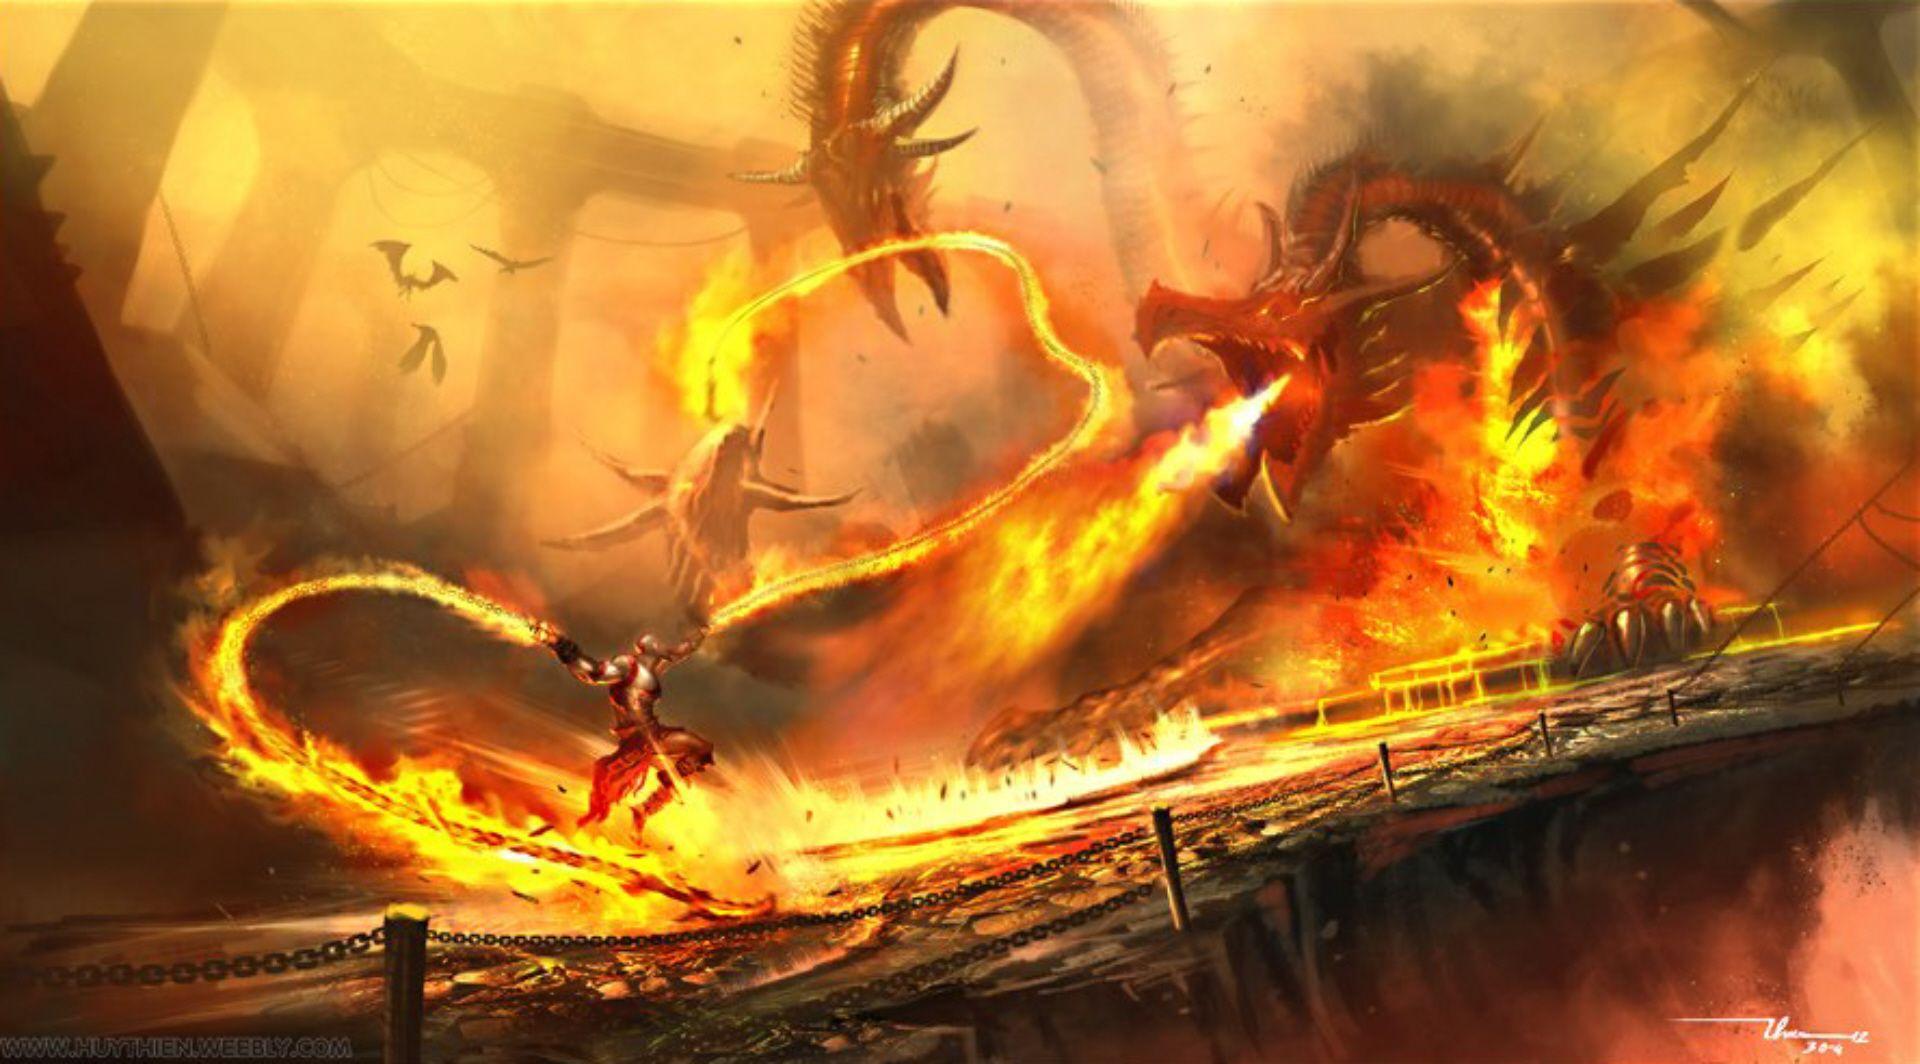 Dragon lore wallpaper wallpapersafari - Epic Dragon Wallpaper Wallpapersafari 1920x1064 Jpeg